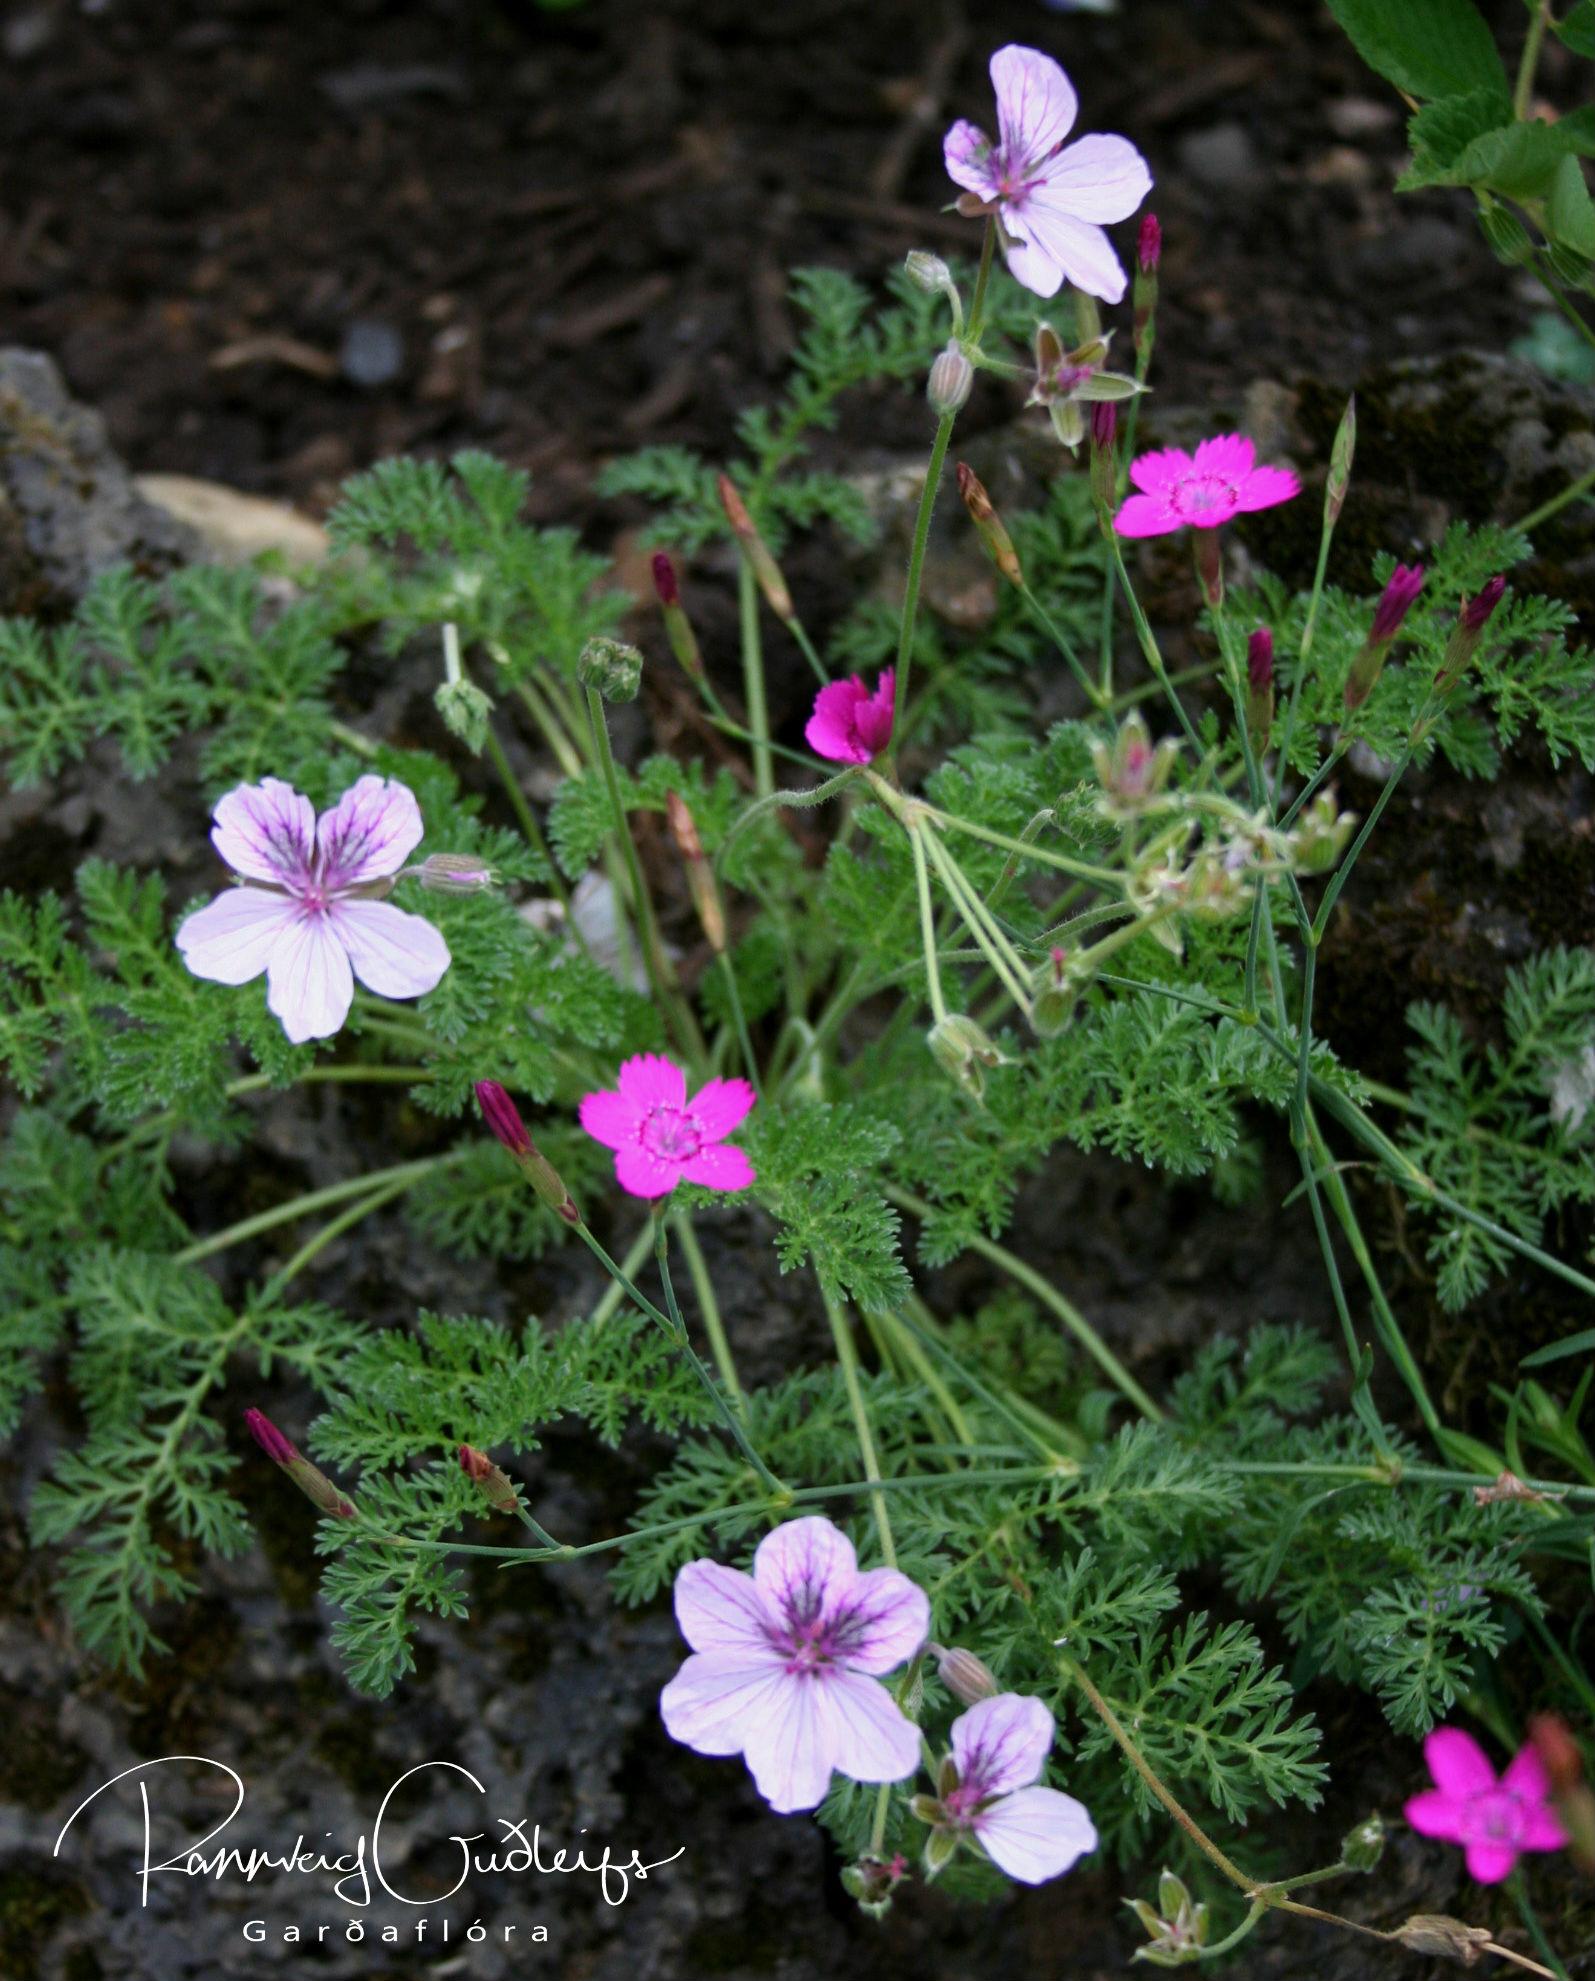 Erodium petraeum